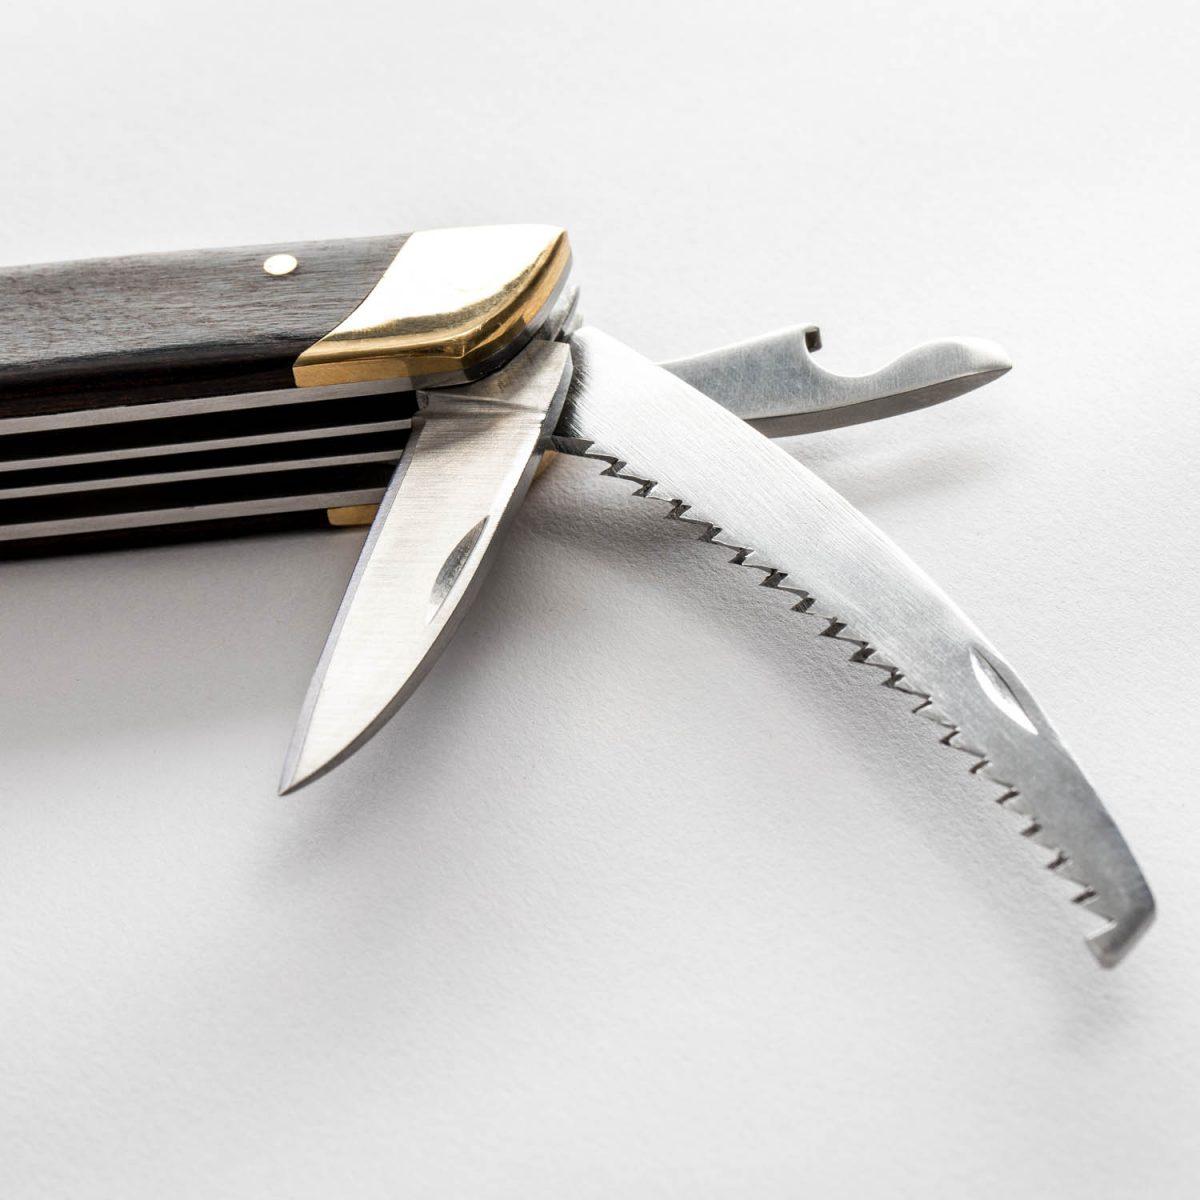 nobox-multi-tool-knife_AR21557